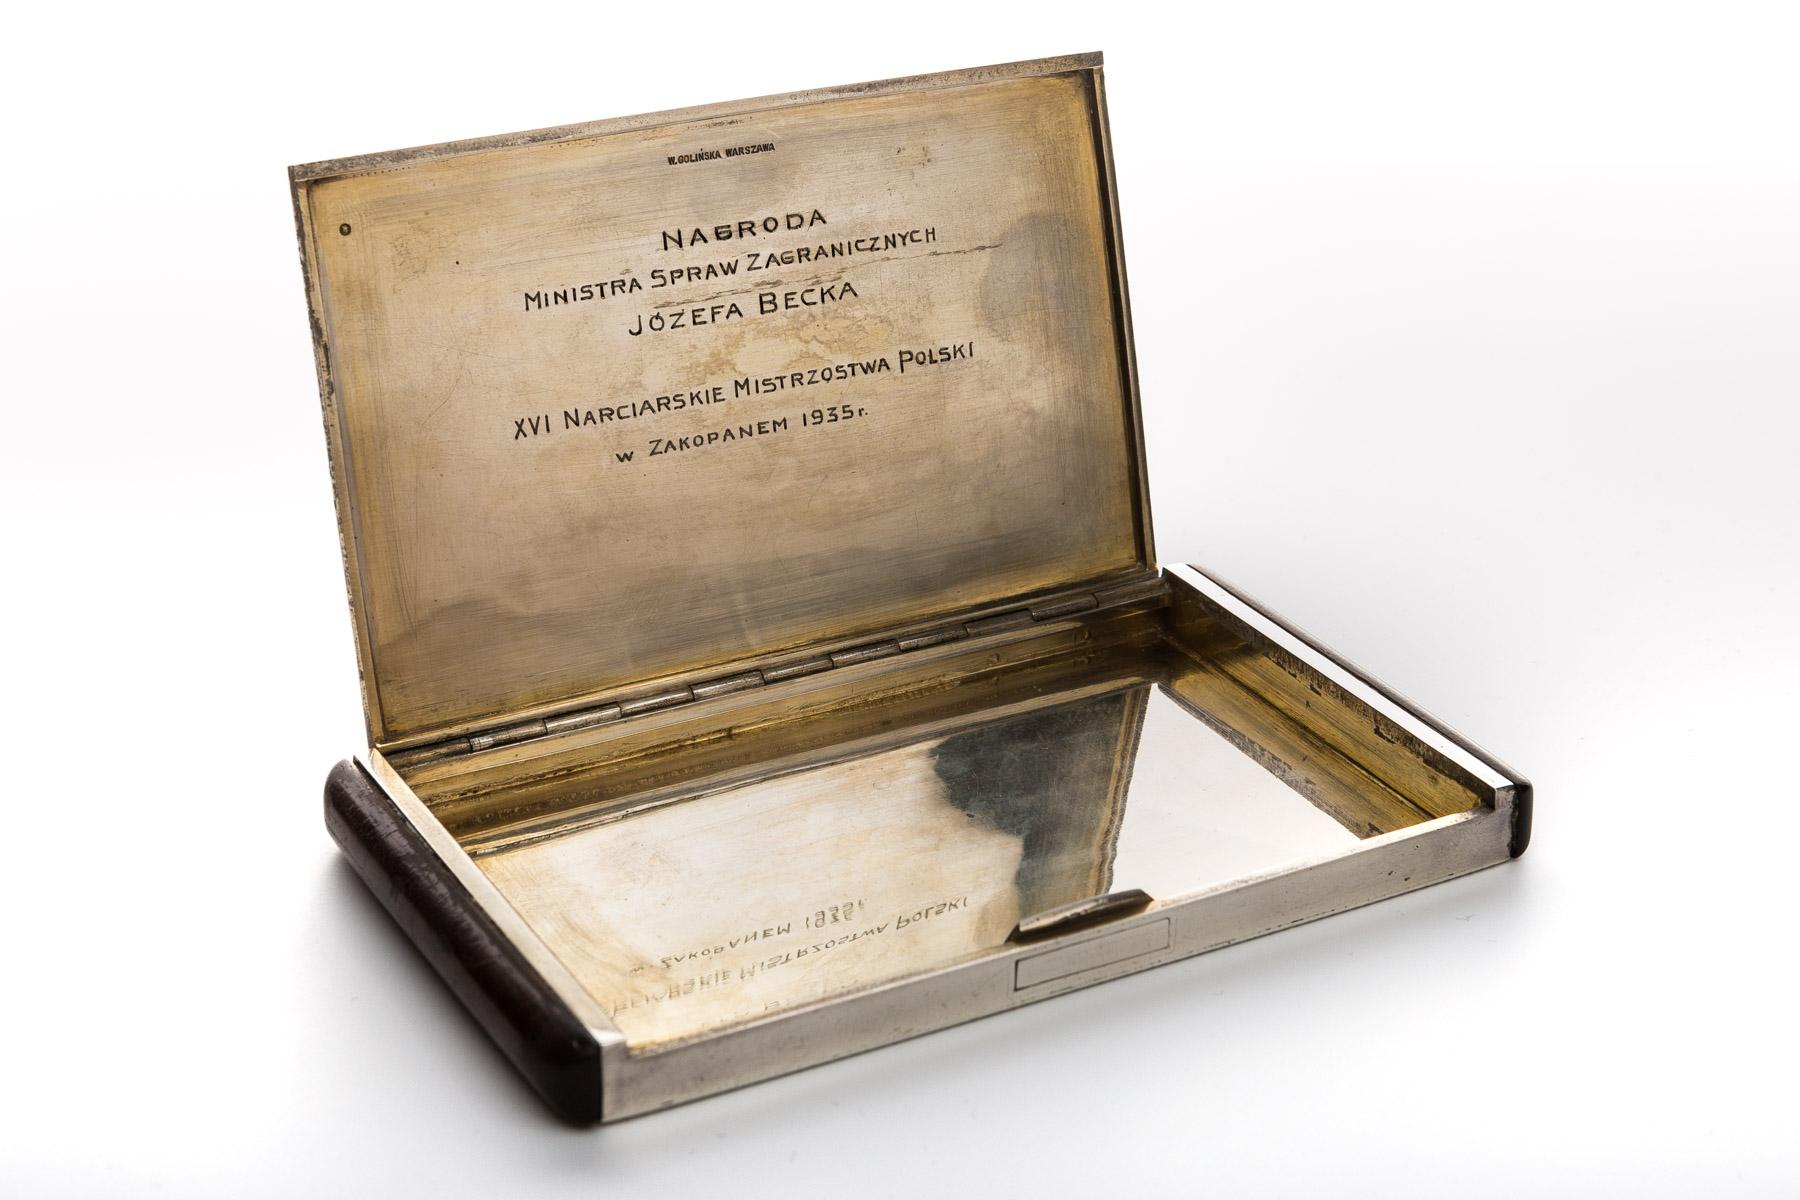 Papierośnica srebrna, 1935